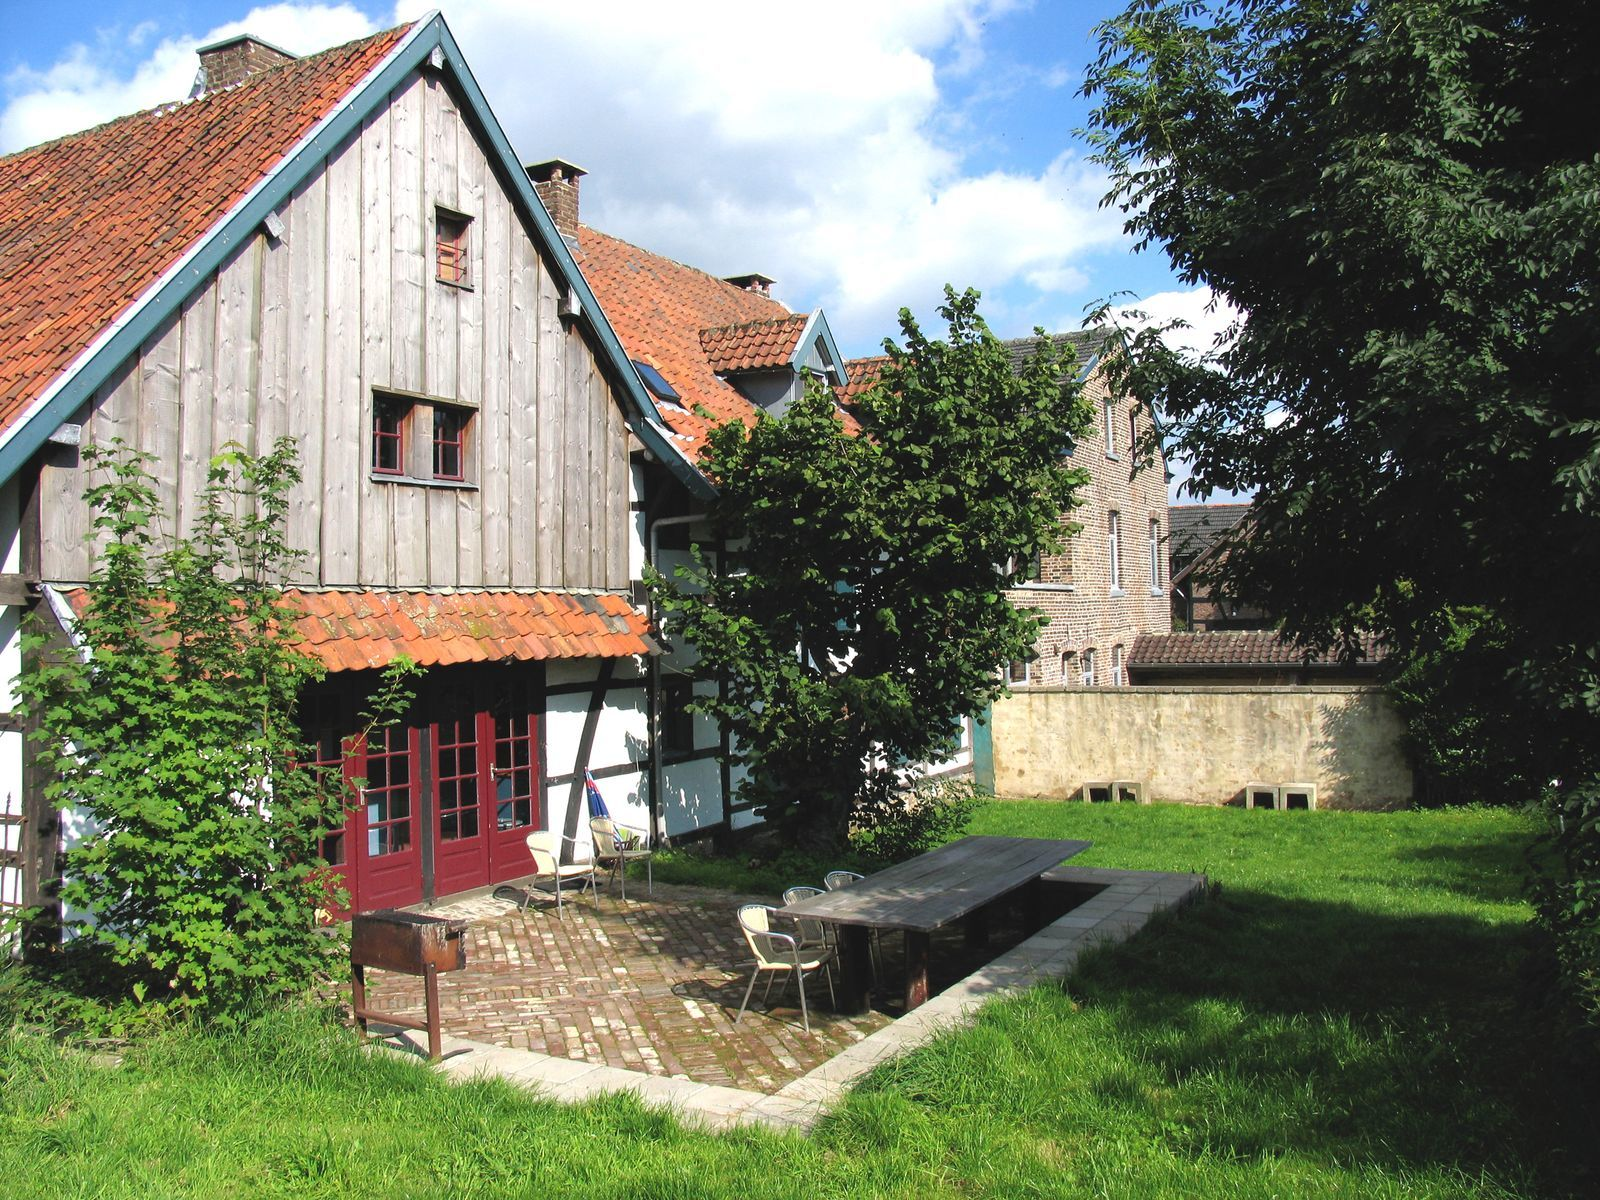 Vakwerkhuis Woonhuis - vakantiehuis voor groepen in Limburg